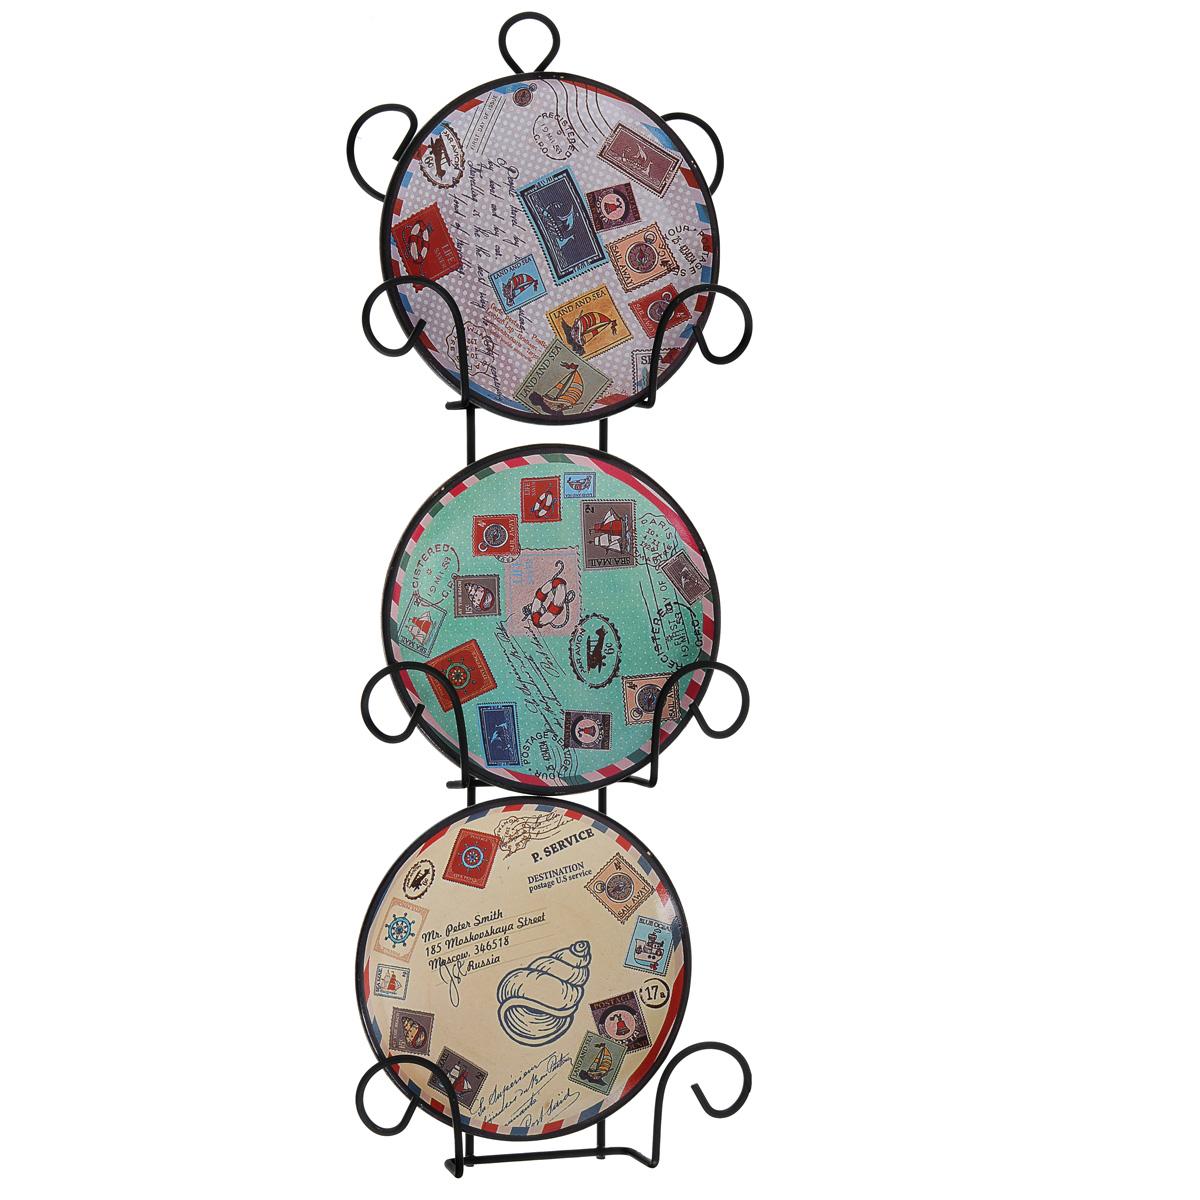 Набор декоративных тарелок Почта, диаметр 10 см, 3 шт36260Набор из трех декоративных тарелок с ярким рисунком украсят практически любое ваше помещение, будь то кухня, столовая, гостиная, холл и будут являться необычным дизайнерским решением. Тарелки выполнены из доломитовой керамики, подставка в виде вертикальной этажерки, благодаря которой сувенир удобно и быстро крепится к стене, - из черного металла. Каждая тарелочка, декорированная изображениями марок со всех сторон света, помещается в отдельную нишу. Очаровательный набор декоративных тарелок - замечательный подарок друзьям и близким людям. Размер тарелки (без подставки): 10 см х 10 см х 1,5 см. Размер сувенира с подставкой: 2,5 см х 11,5 см х 33 см.